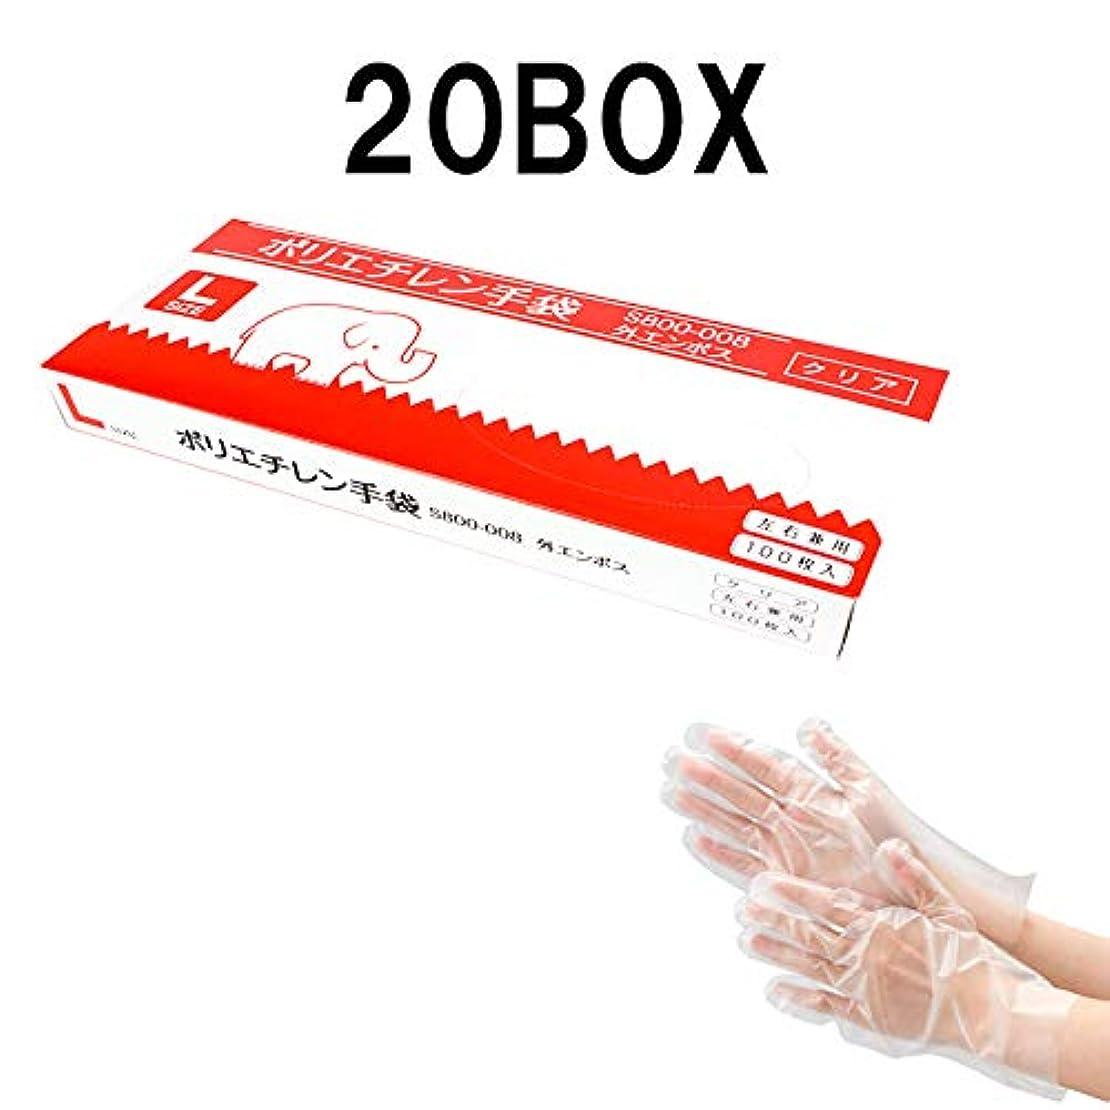 ホール悪化させる不調和(2000枚) 使い捨て ポリエチレン手袋 Lサイズ 100枚入り×20BOX クリア色 左右兼用 外エンボス 食品衛生法適合品